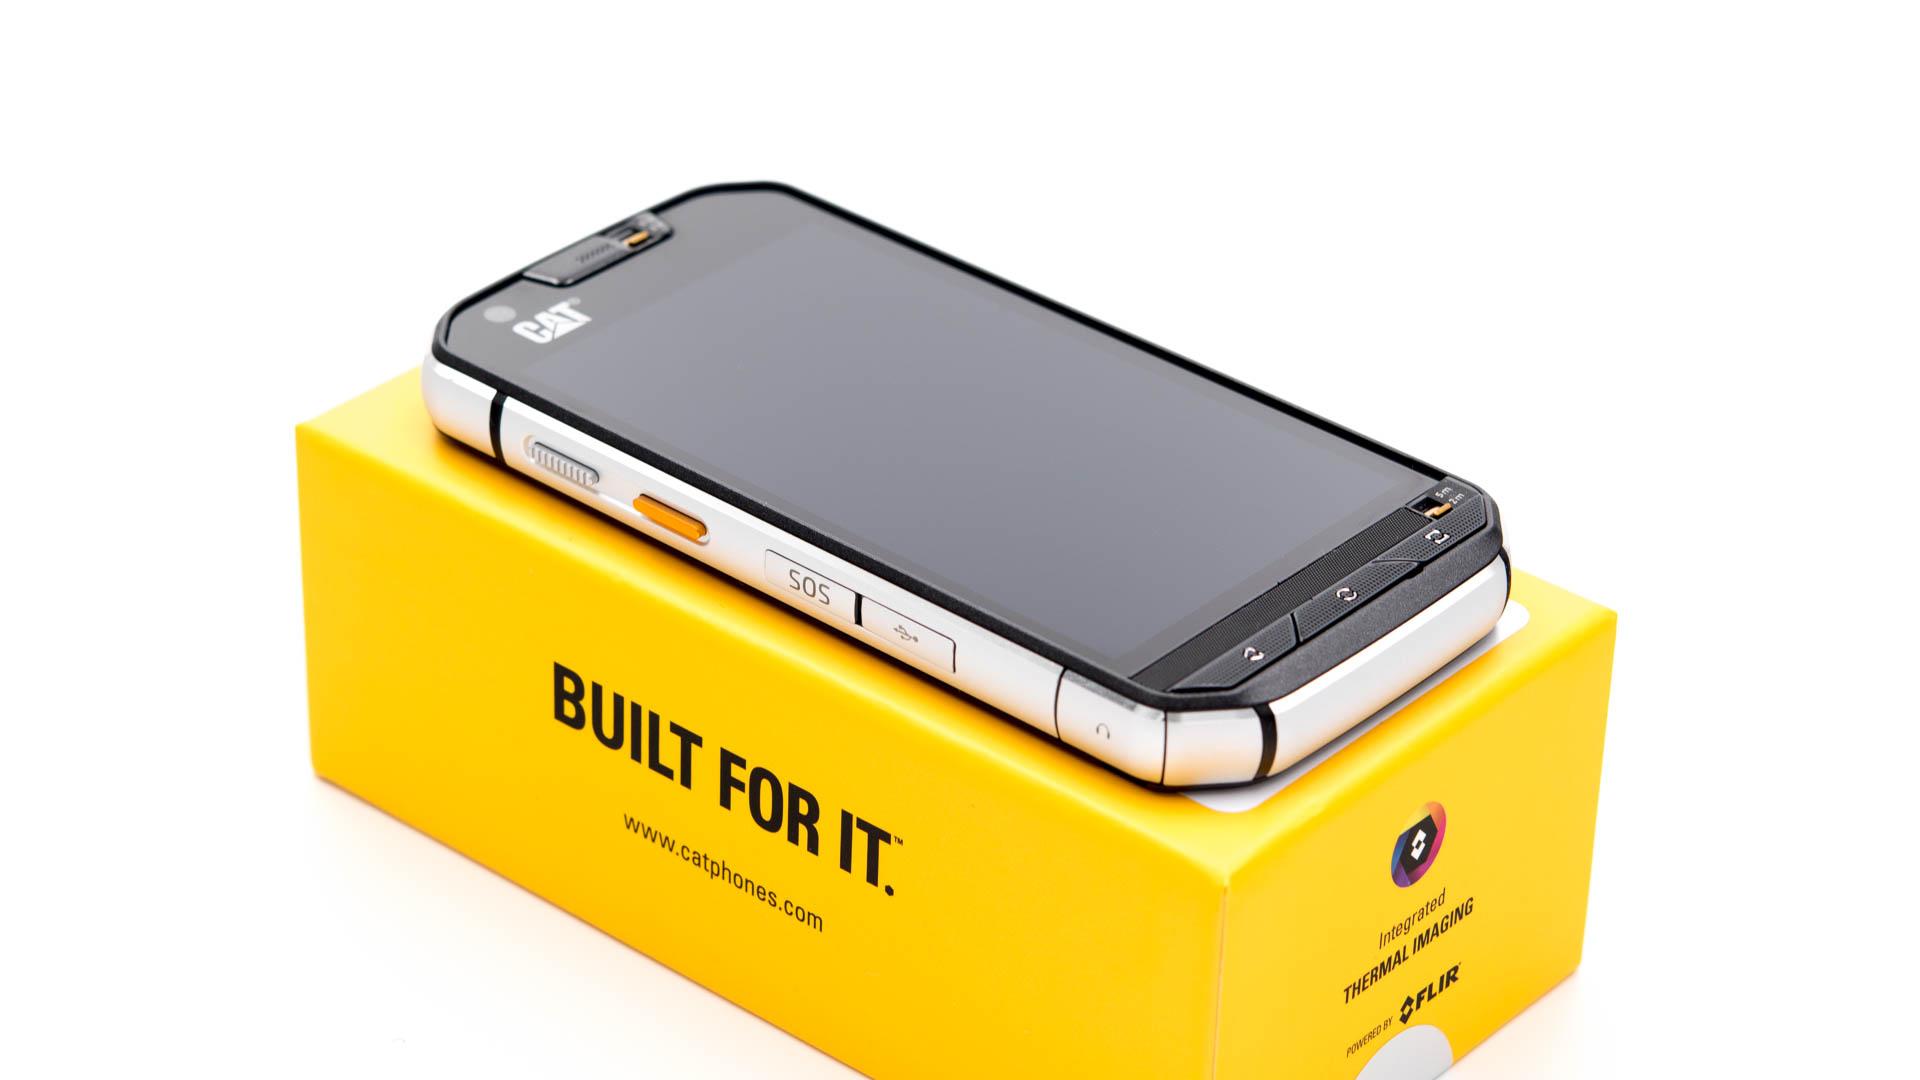 das cat s60 im test ein spezielles smartphone f r den. Black Bedroom Furniture Sets. Home Design Ideas